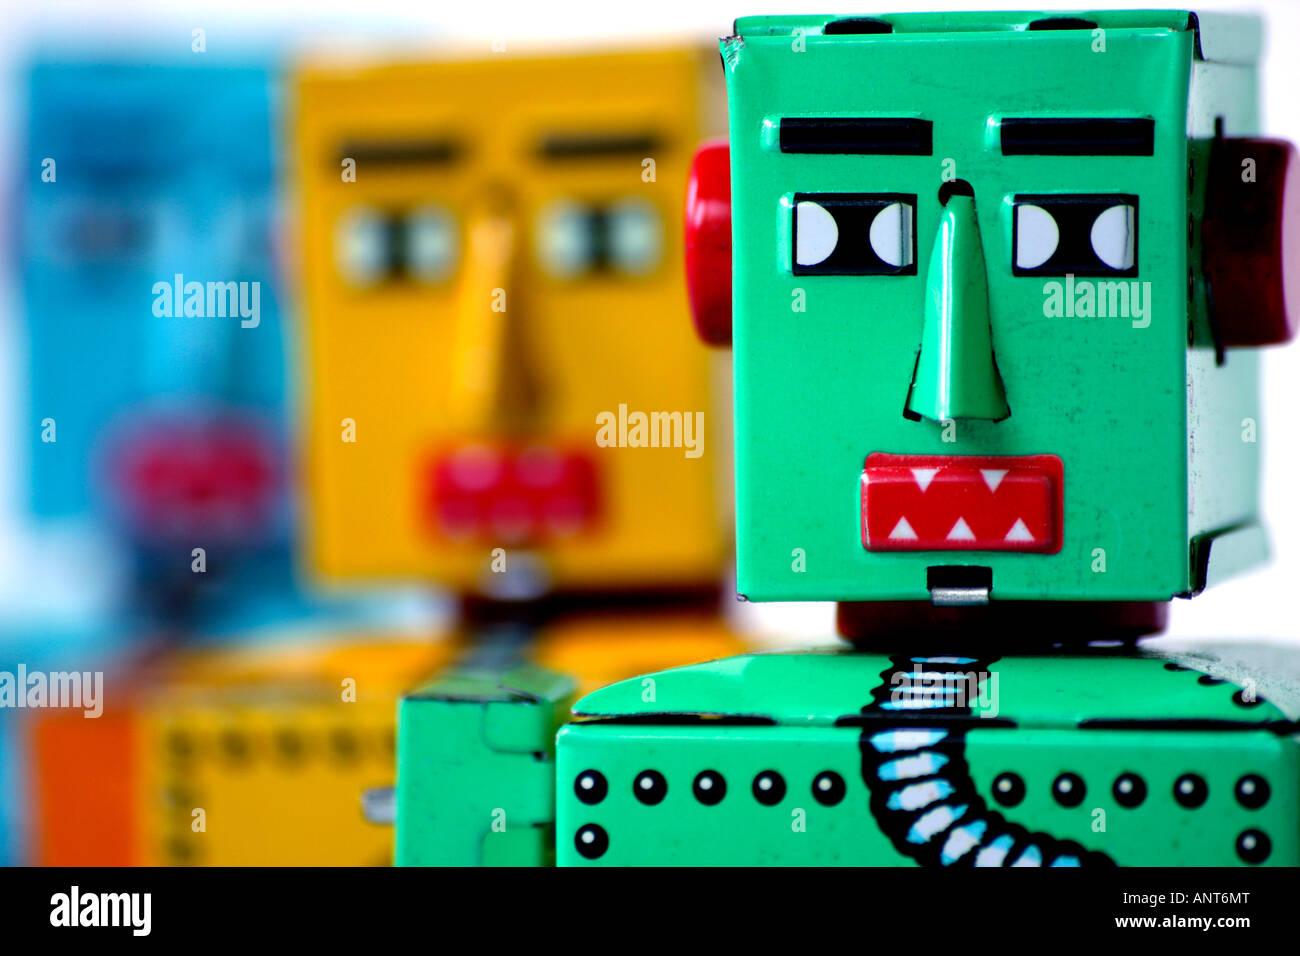 3 Chinês fabricados de flandres relógio robôs de brinquedo Imagens de Stock